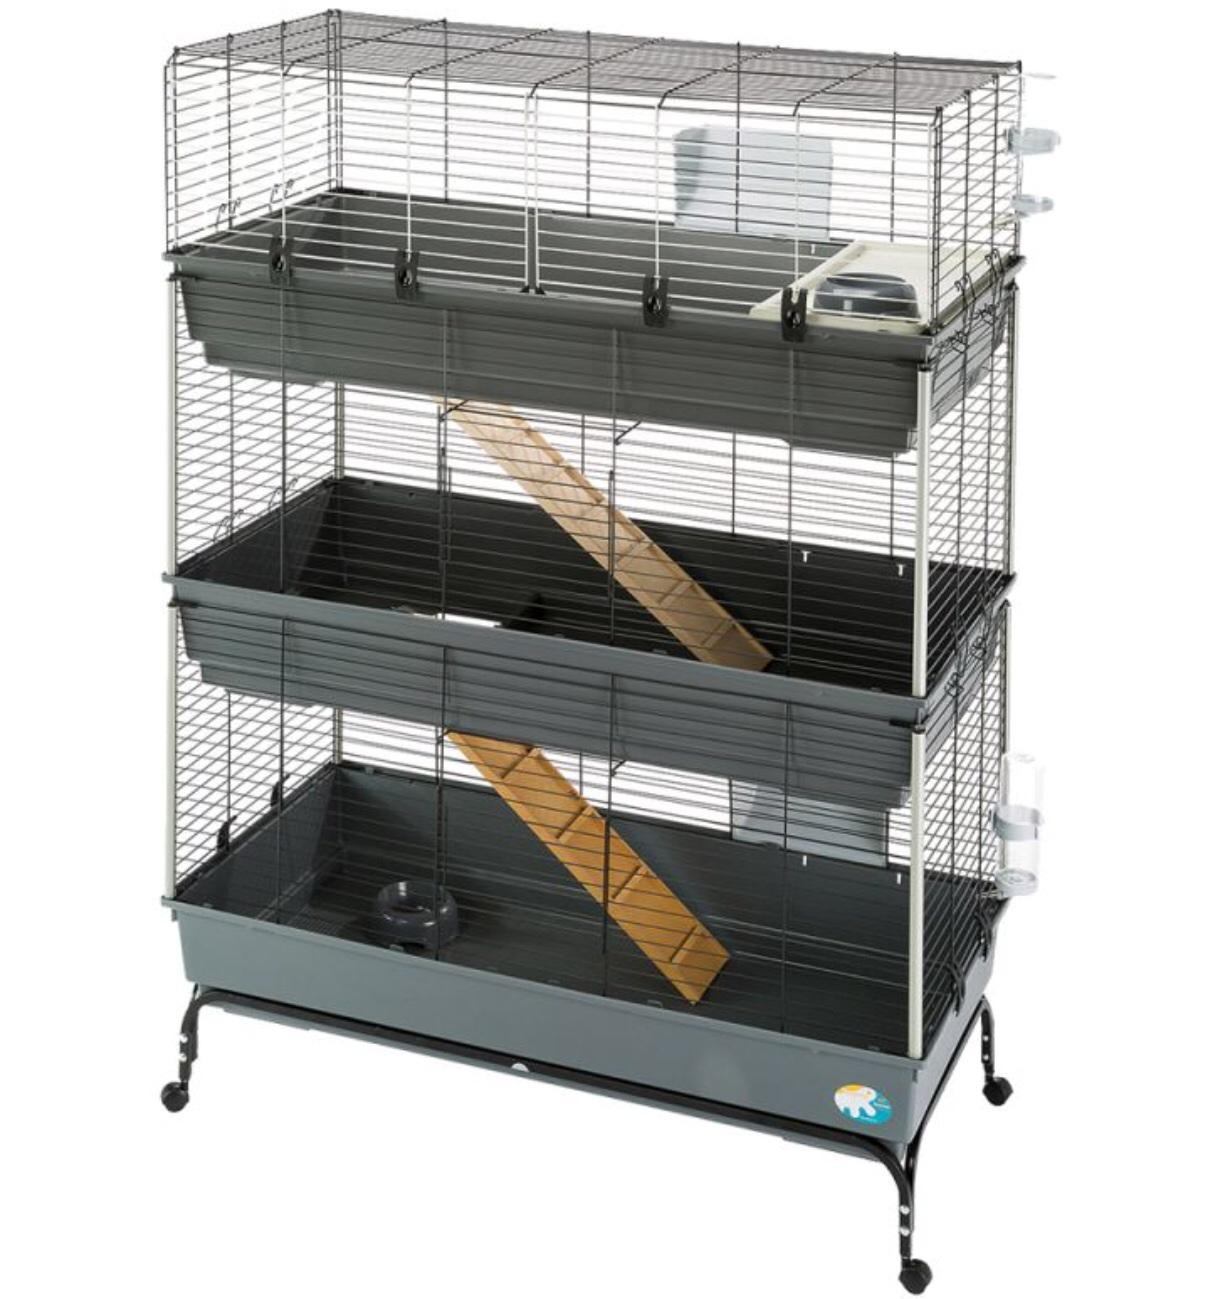 reicht dieser k fig f r zwei bis drei meerschweinchen meerschweinchenk fig. Black Bedroom Furniture Sets. Home Design Ideas